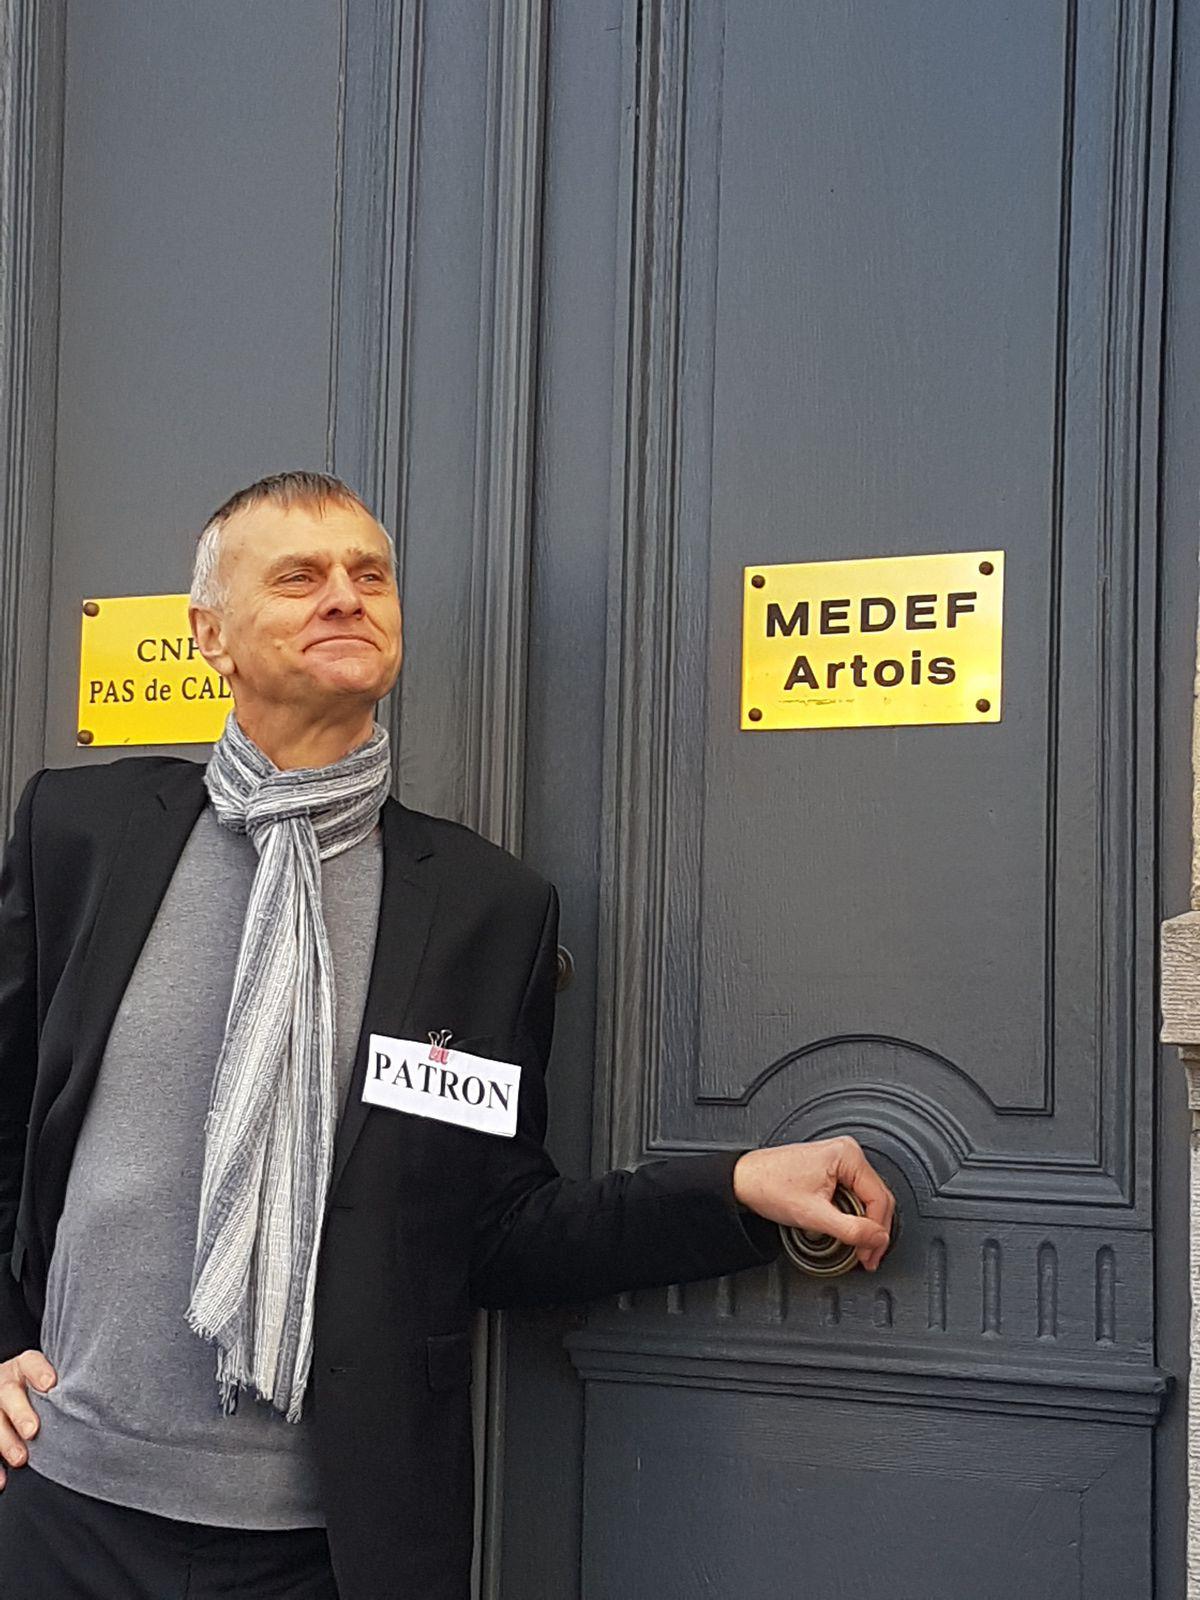 Mobilisation  à Arras ce lundi 9 mars 2020, devant  le siège  Artois du Medef, pour défendre la reconnaissance de la pénibilité!!!!!!